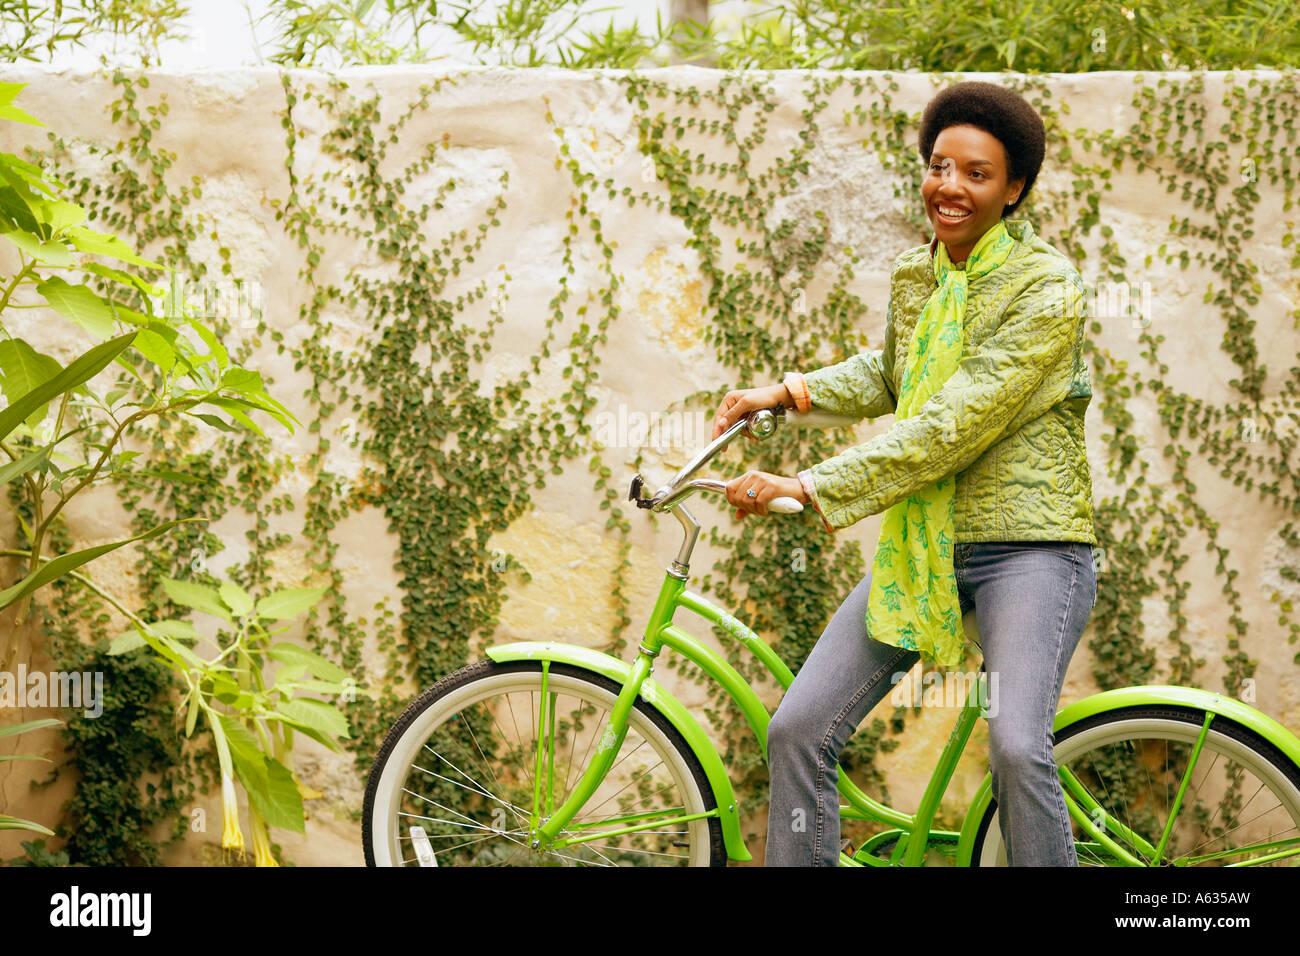 Junge Frau sitzt auf einem Fahrrad Stockbild